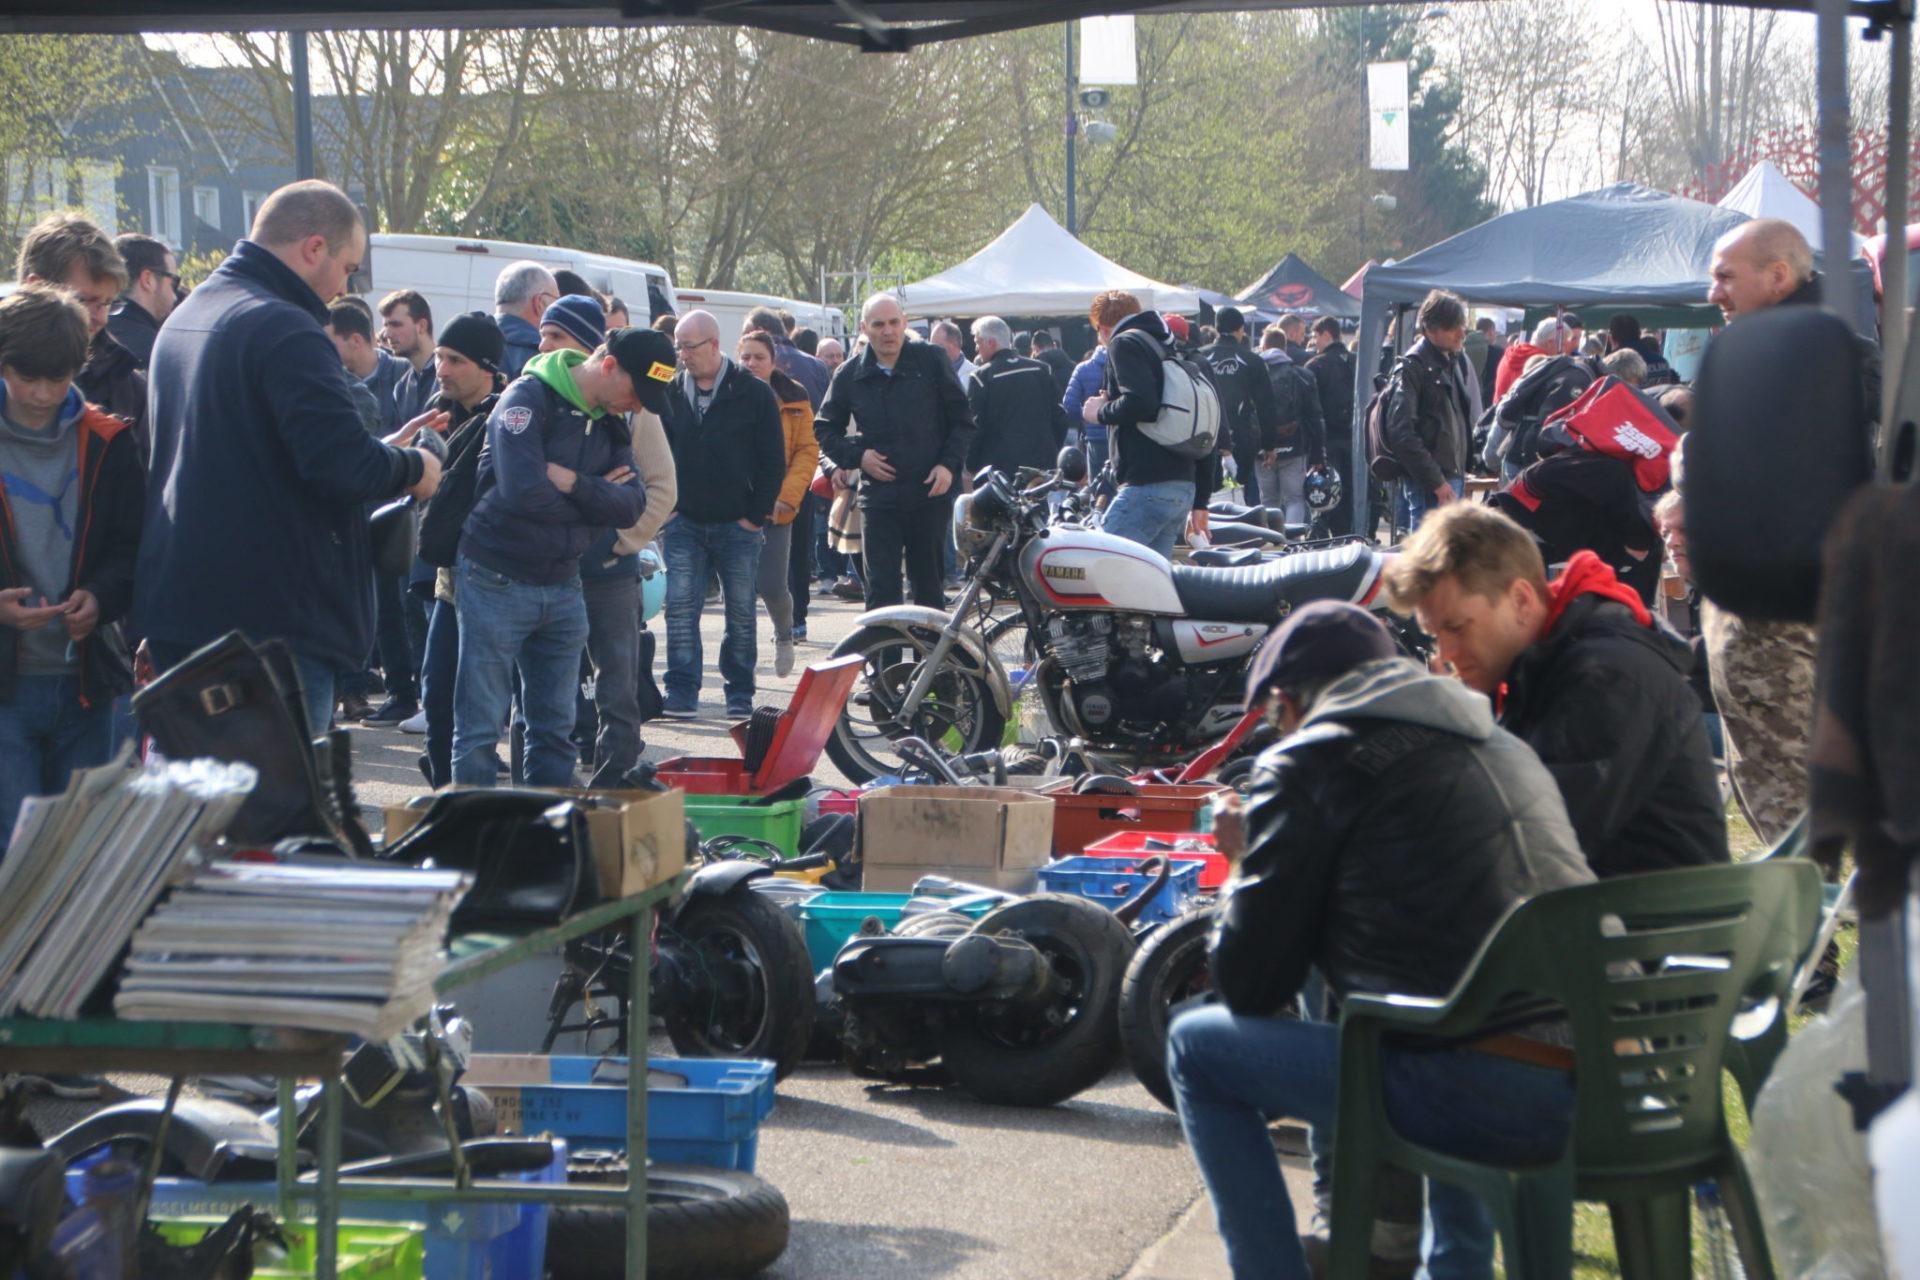 Val-de-Reuil, capitale de la moto le dimanche 21 octobre